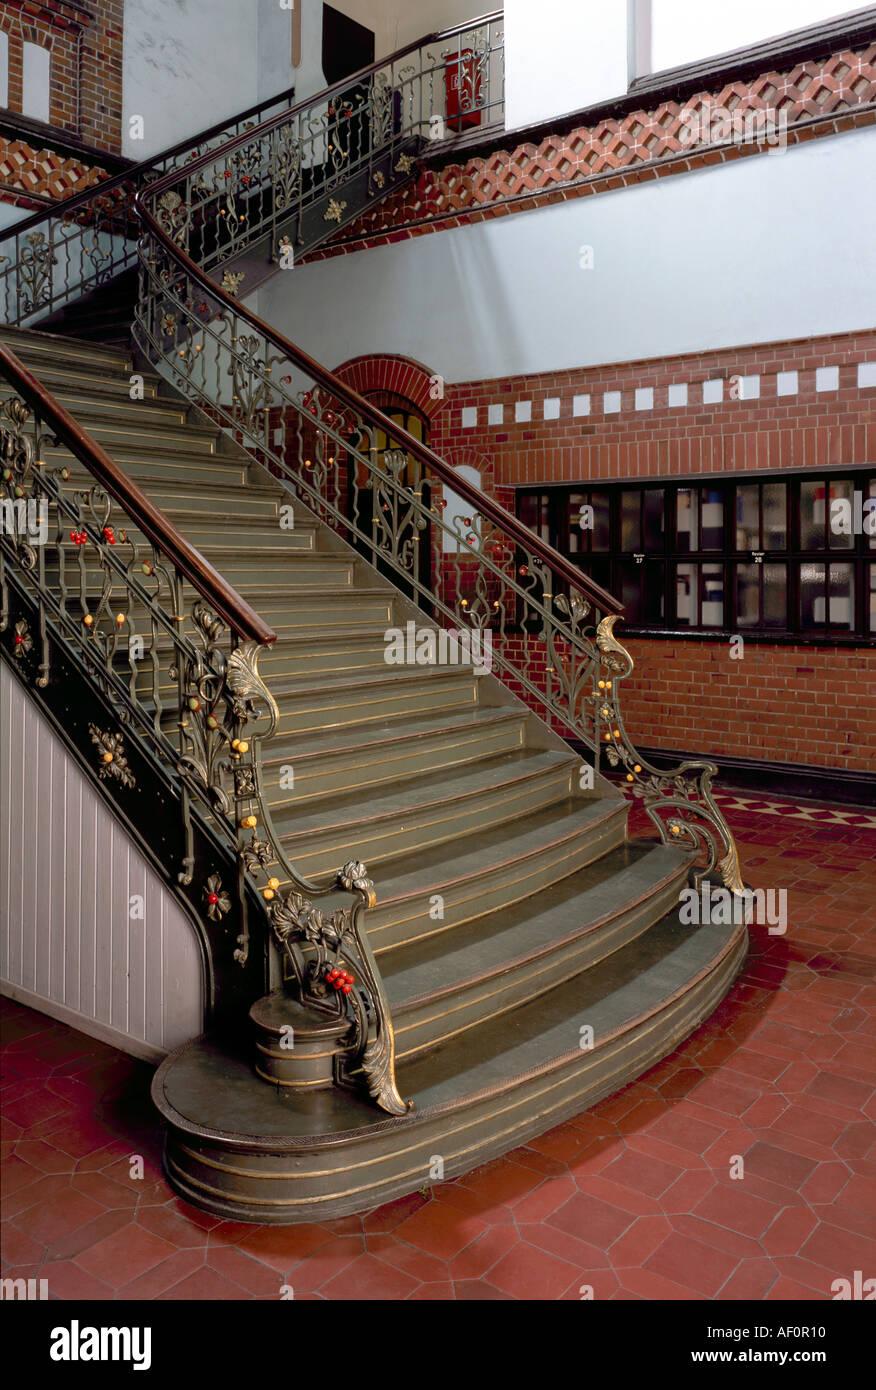 Art Nouveau Mine Stock Photos & Art Nouveau Mine Stock Images - Alamy